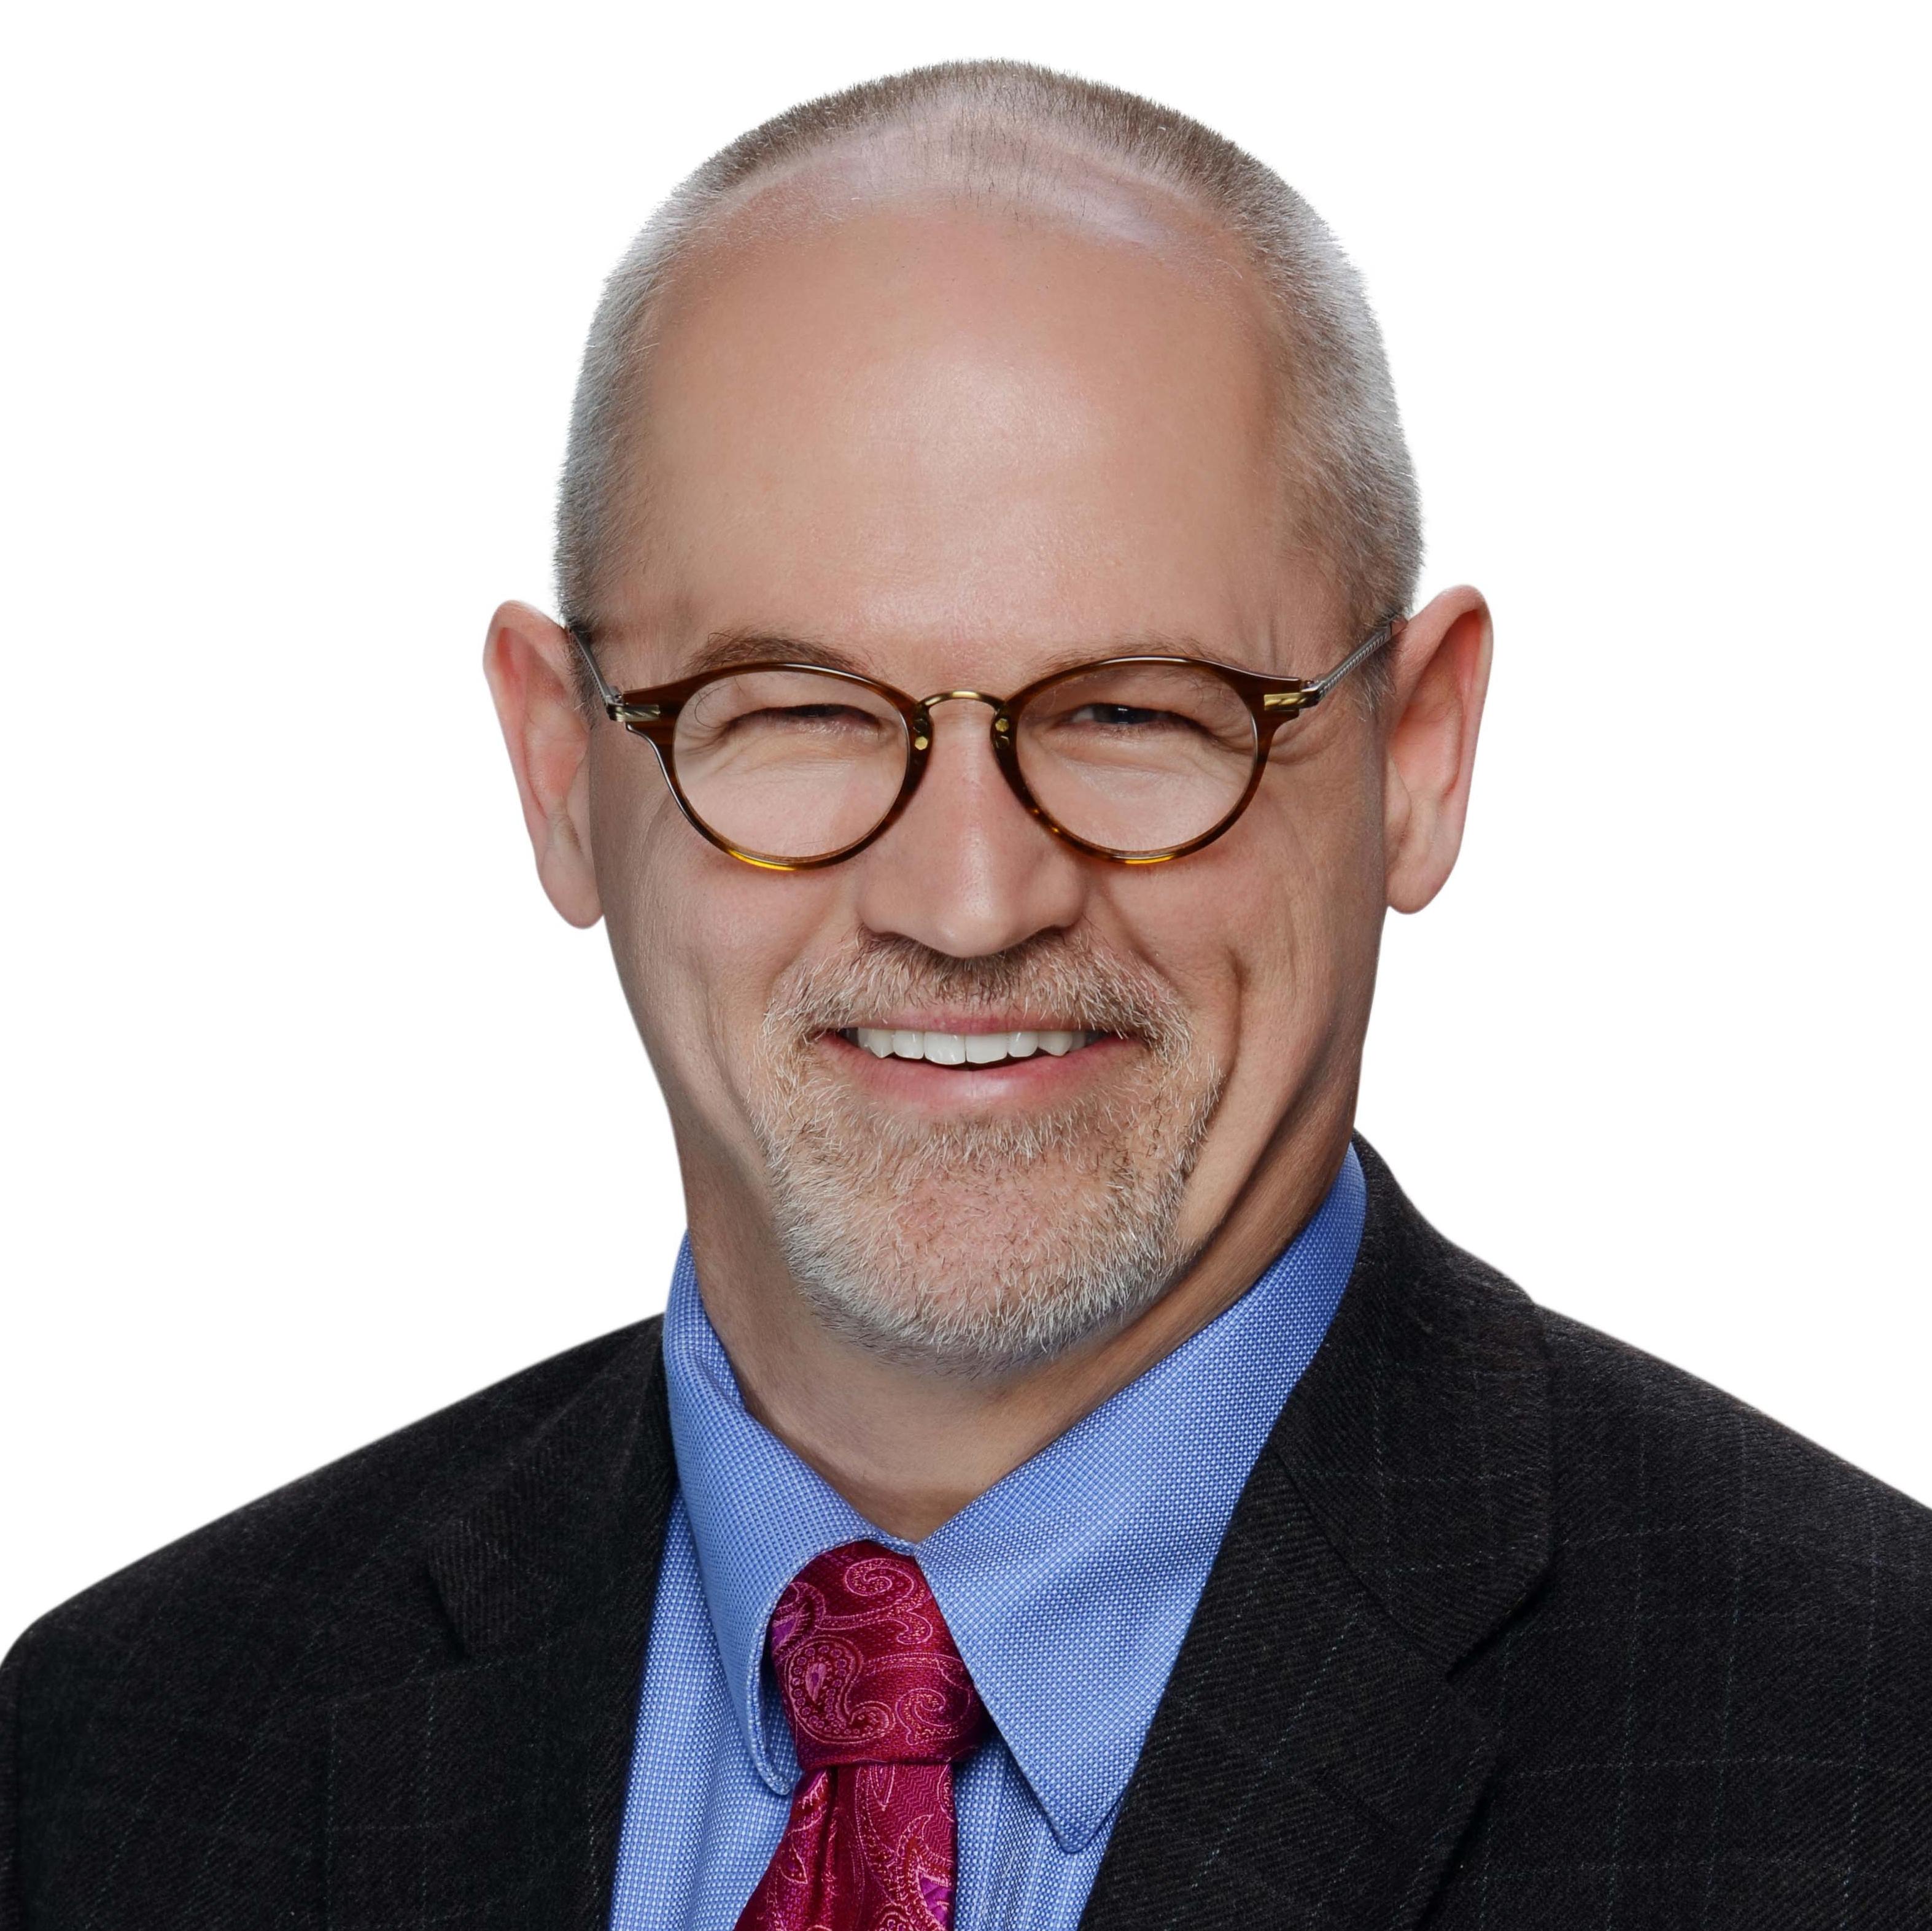 Tobin Miller Shearer